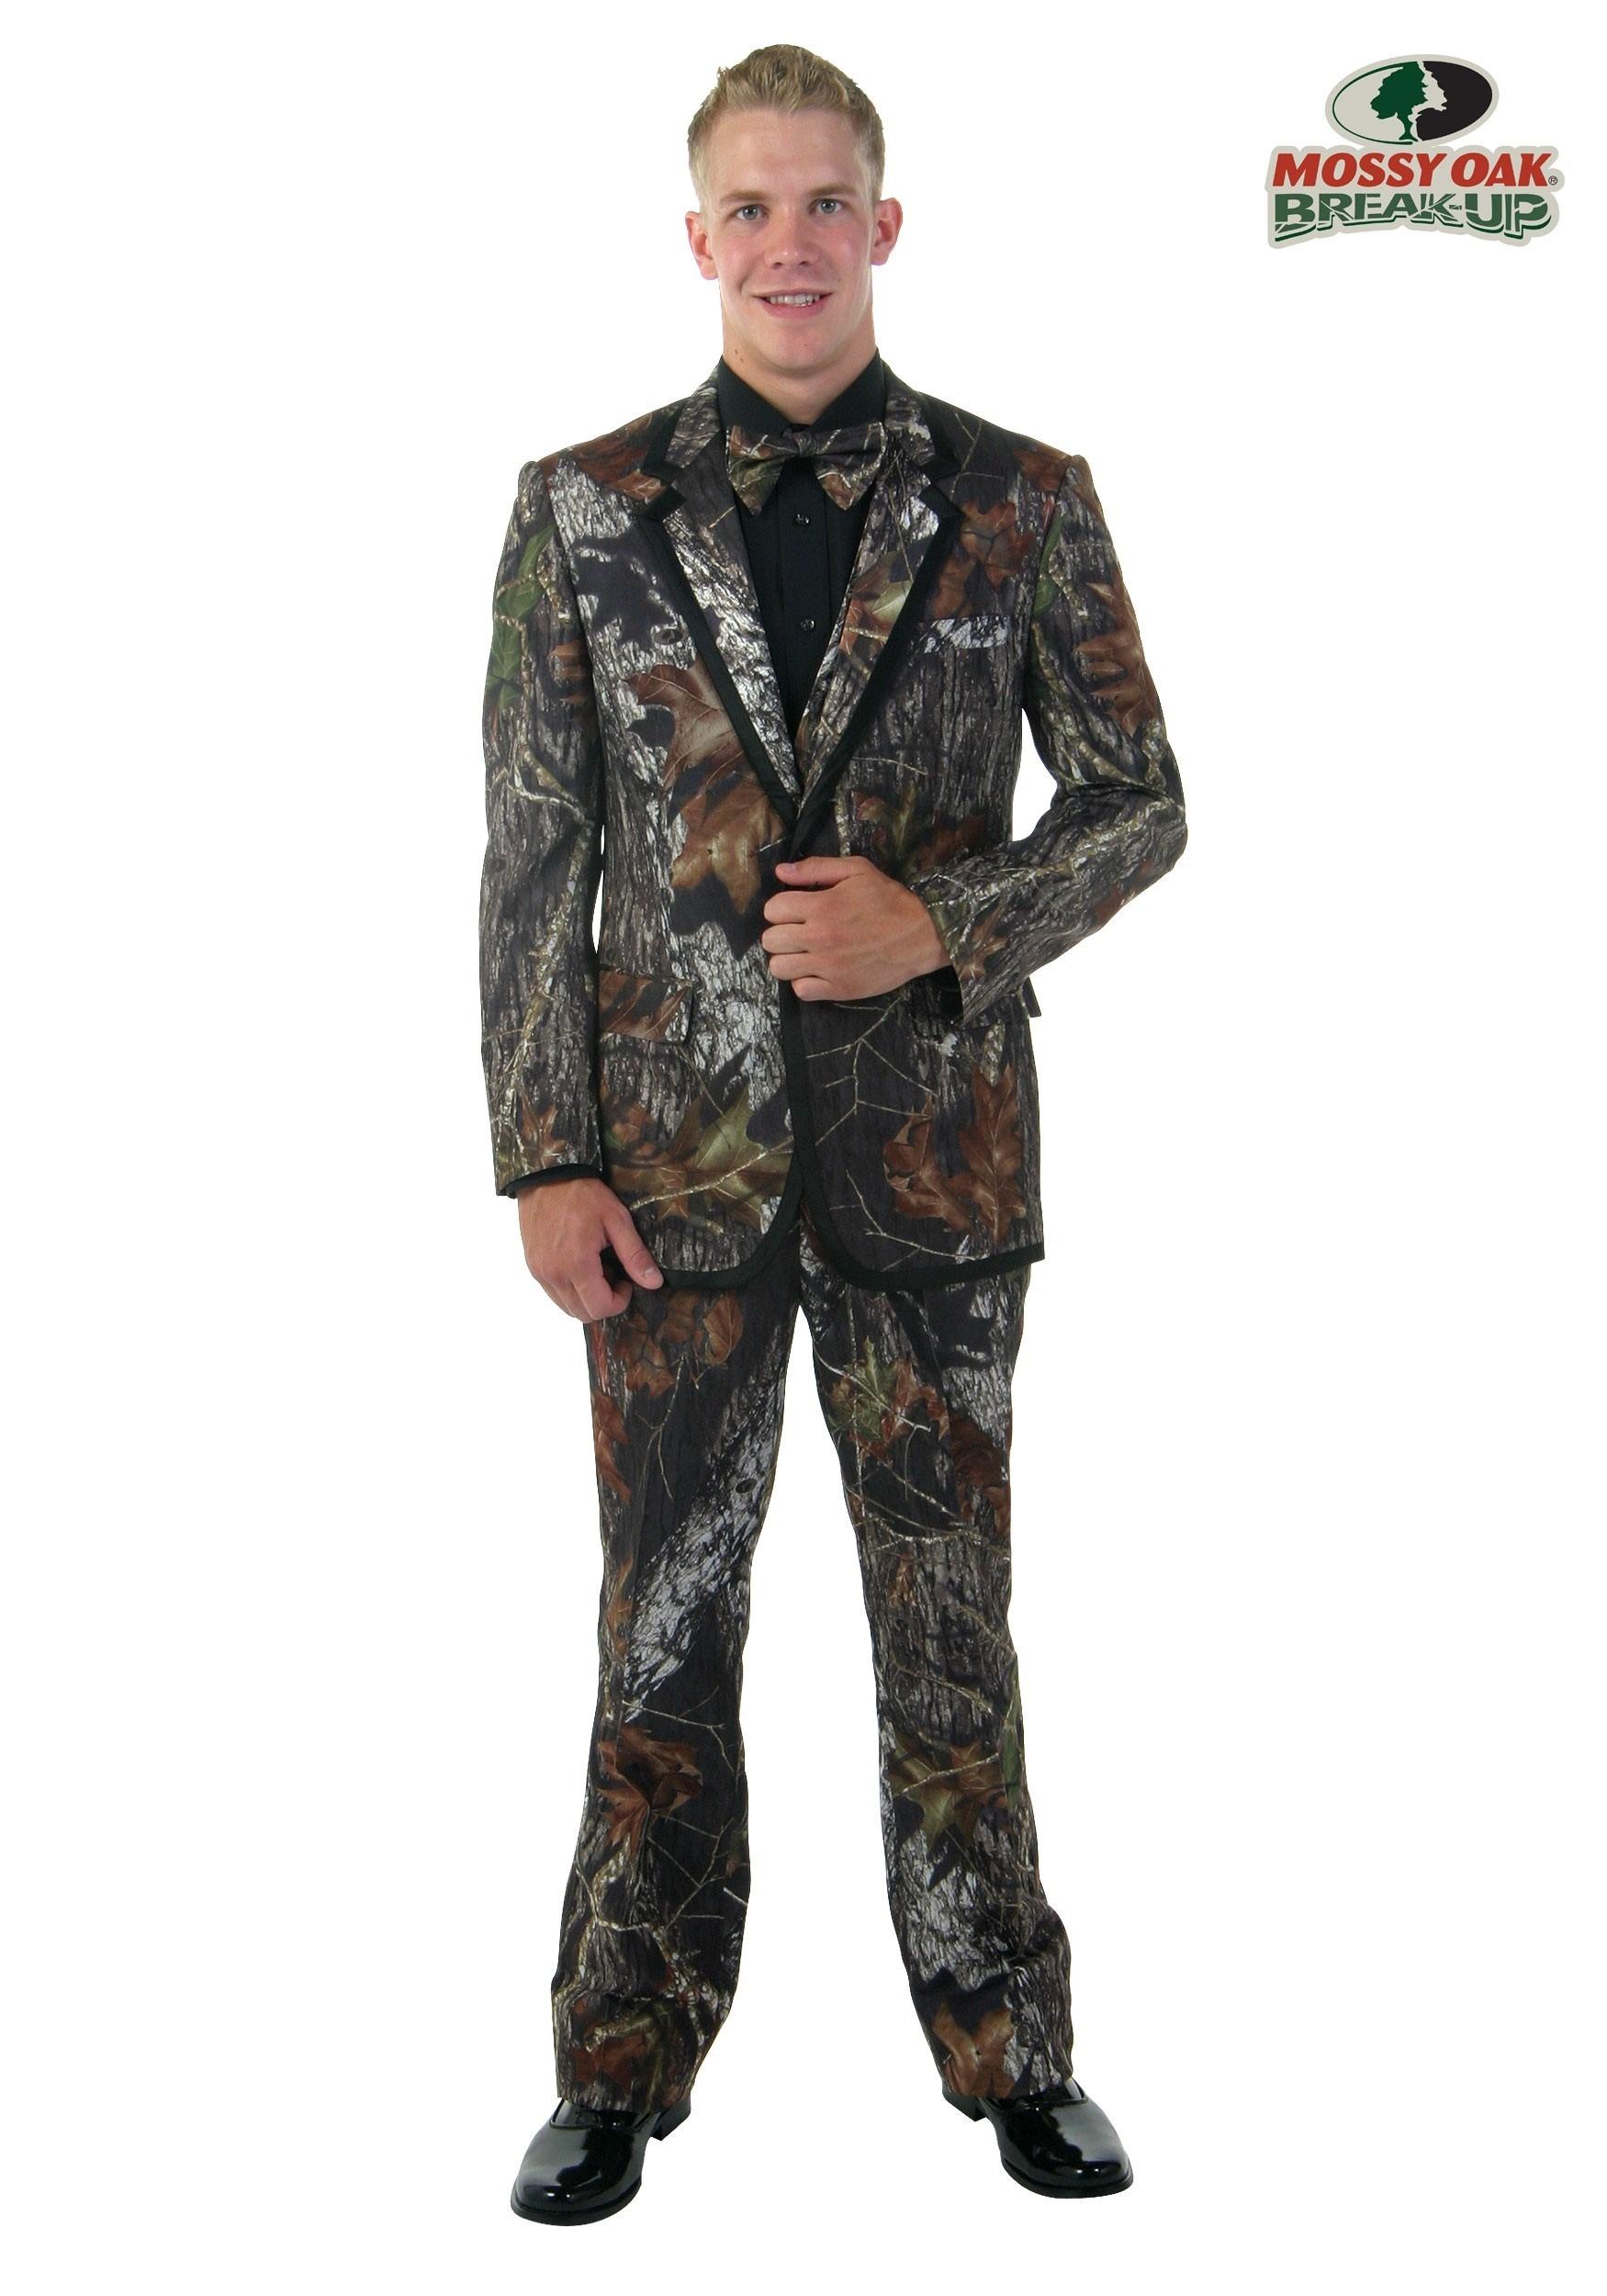 01b5b5bb501d mossy-oak-new-break-up-alpine-formal-tuxedo.jpg